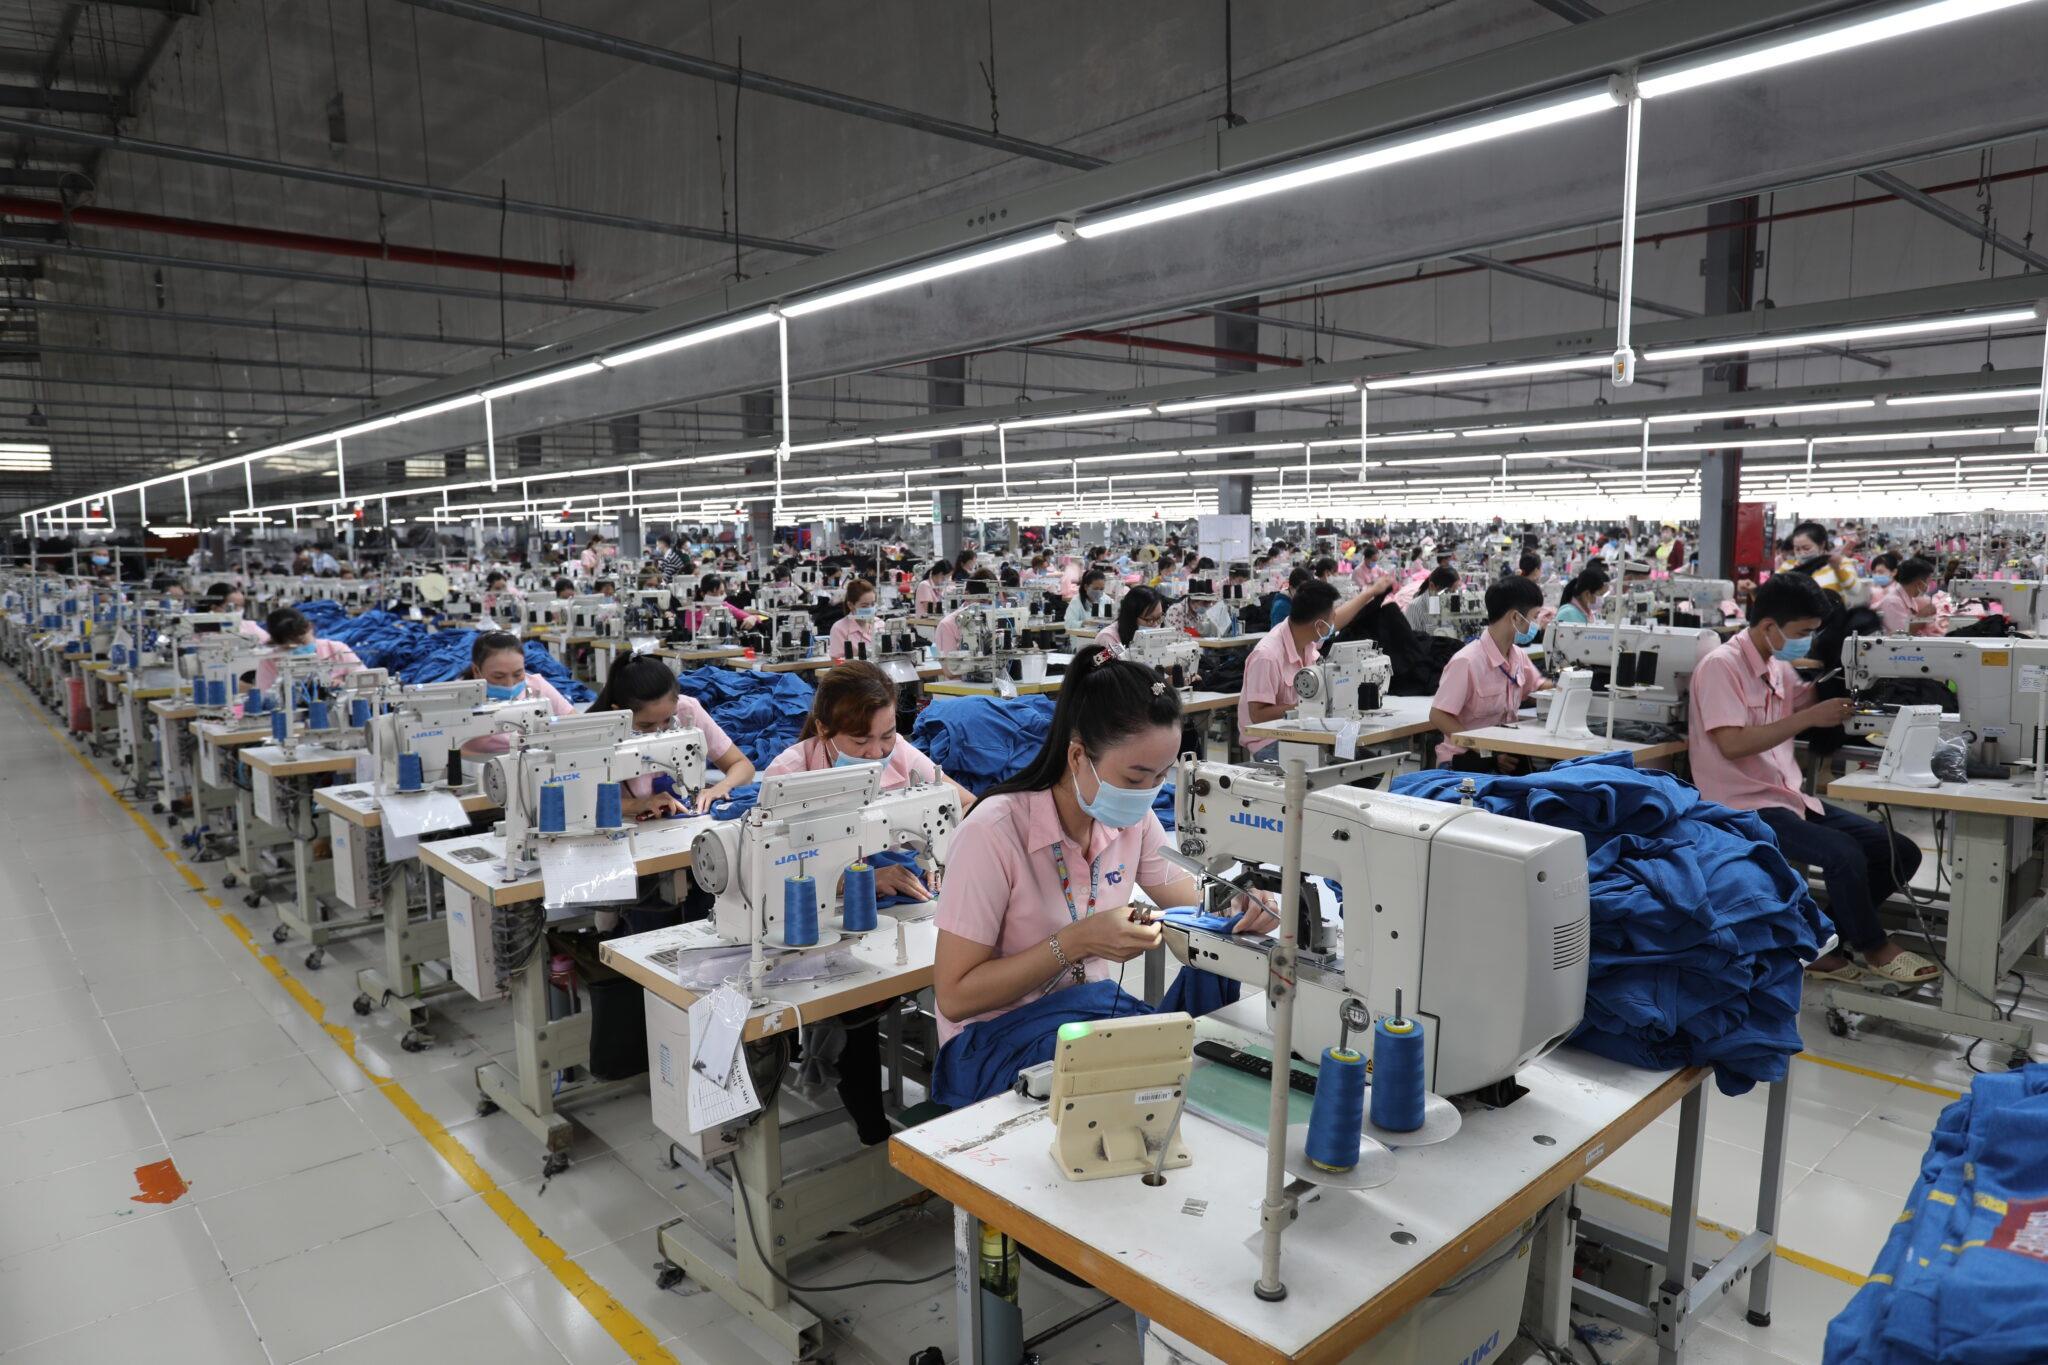 Doanh nghiệp TPHCM tạm dừng hoạt động, hy sinh doanh thu để chống dịch